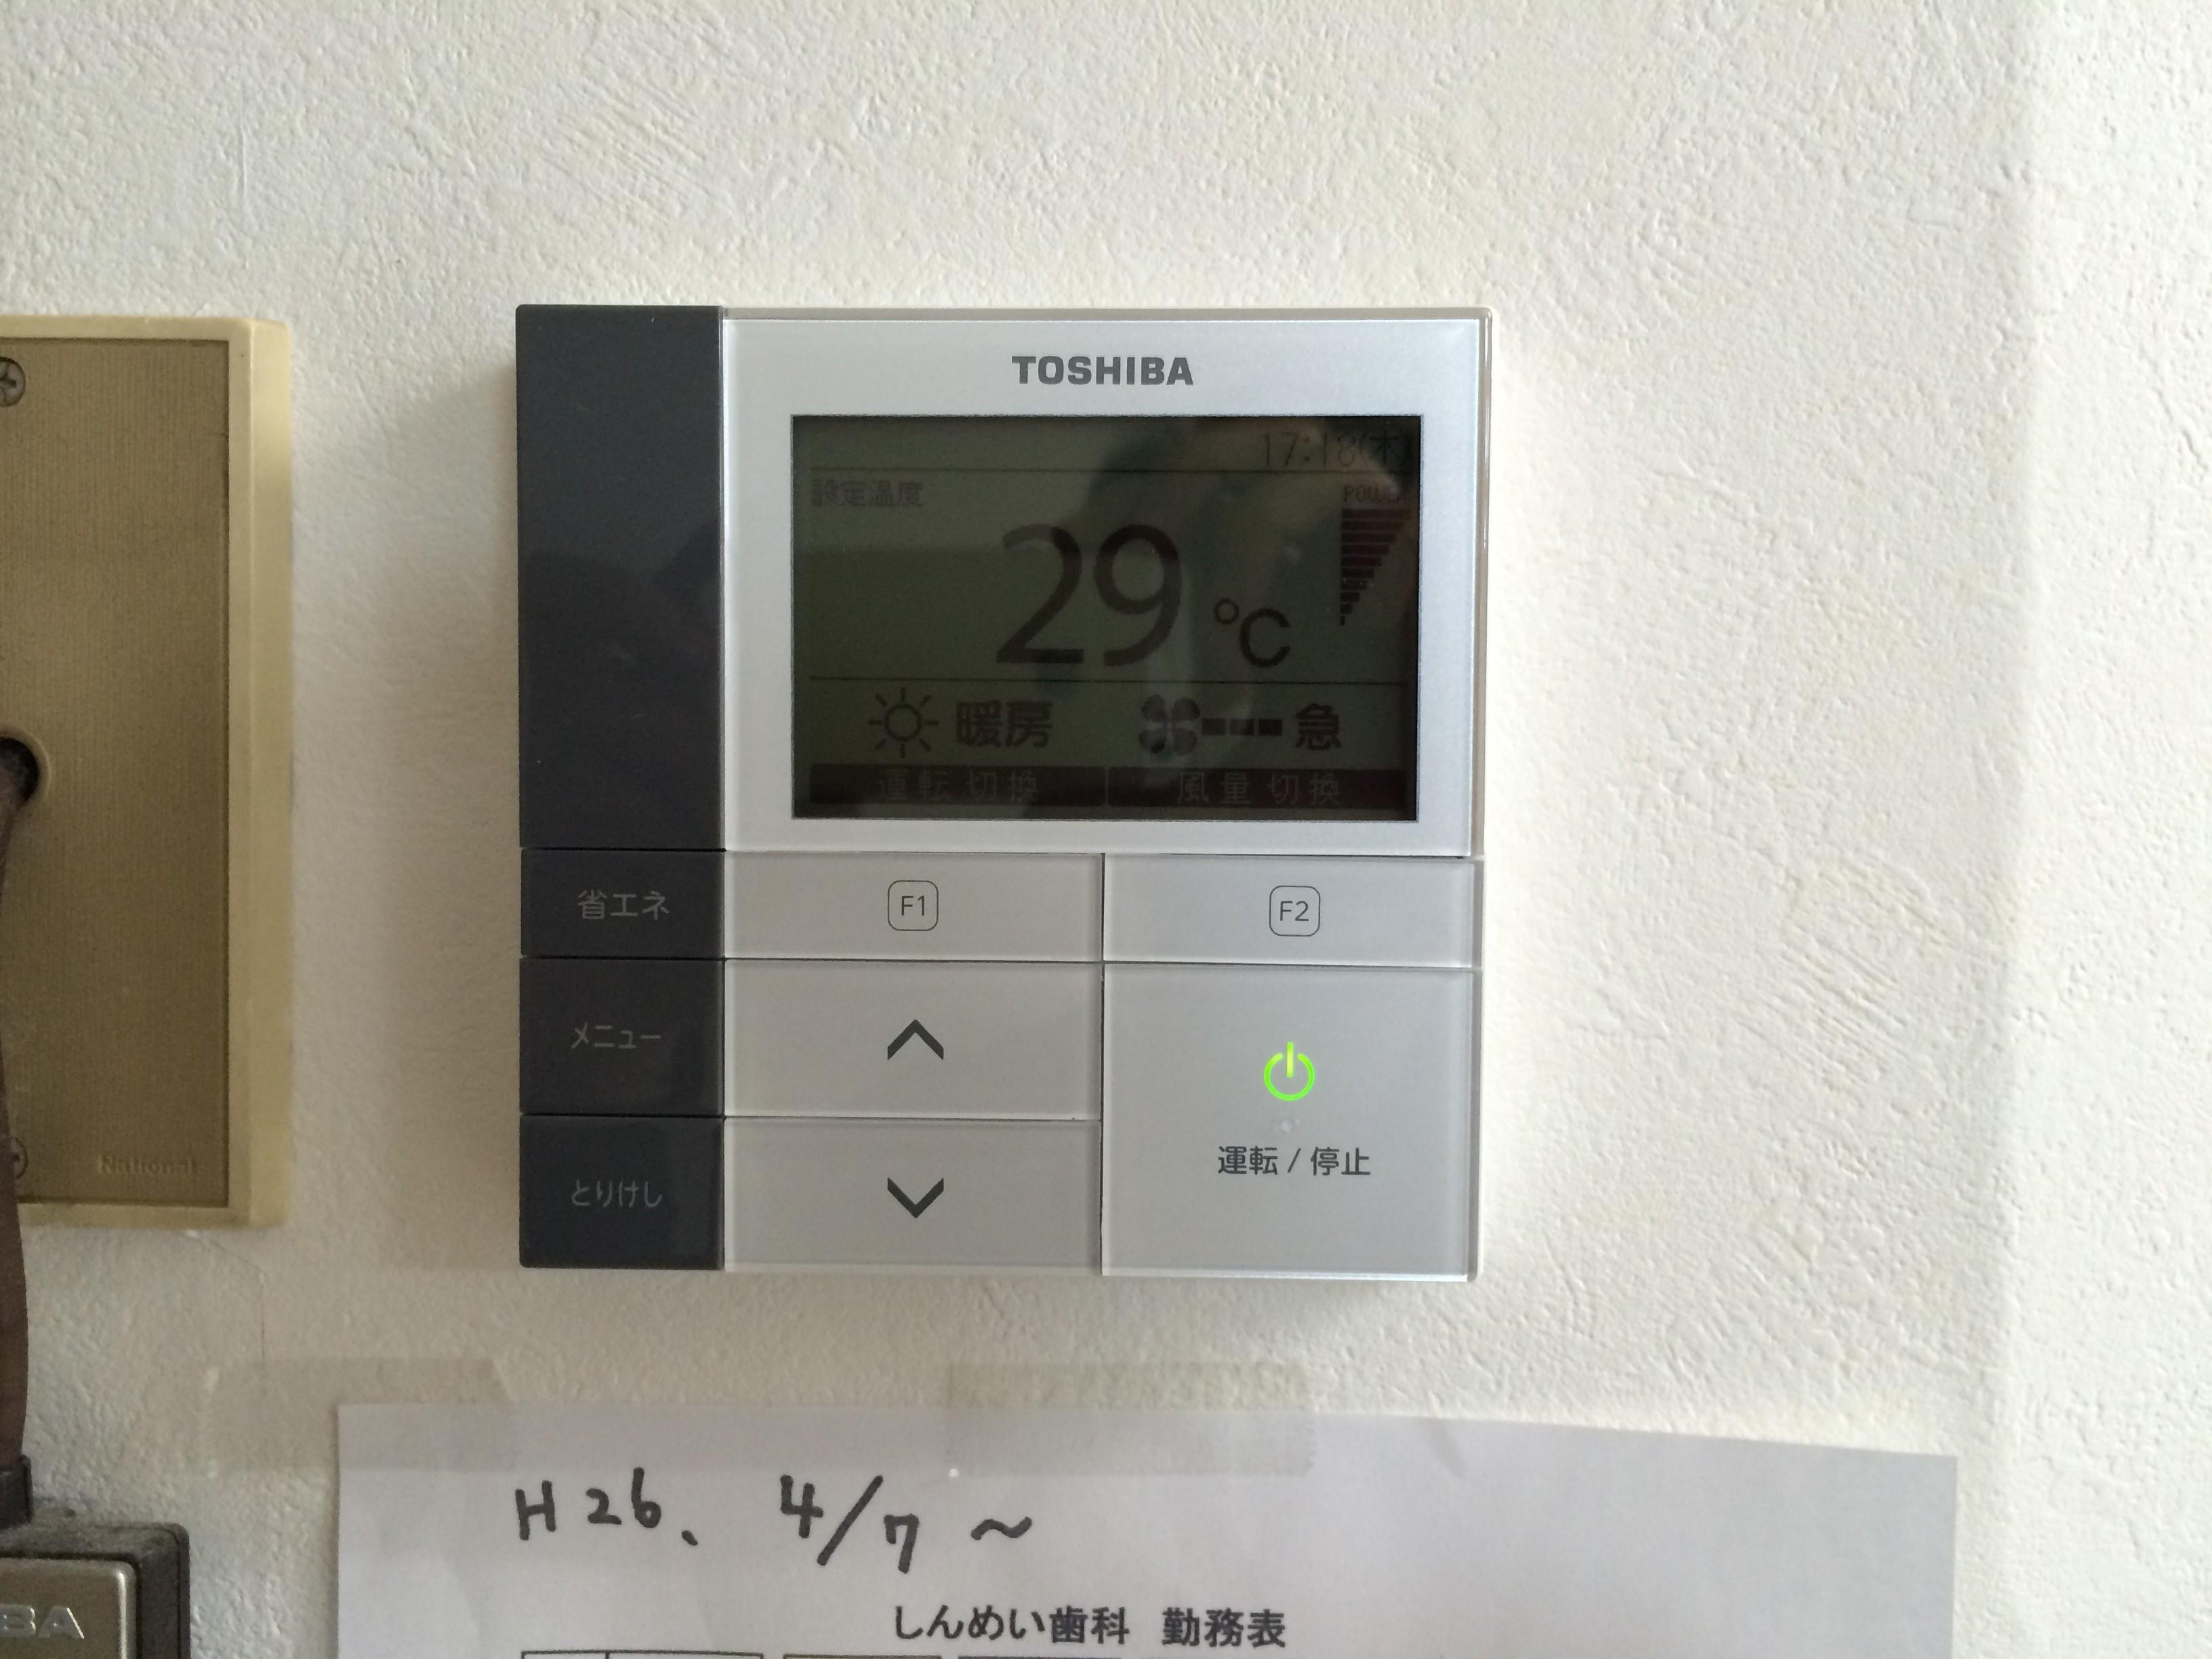 春日井市 | 業務用エアコン工事 | 27年9月2日